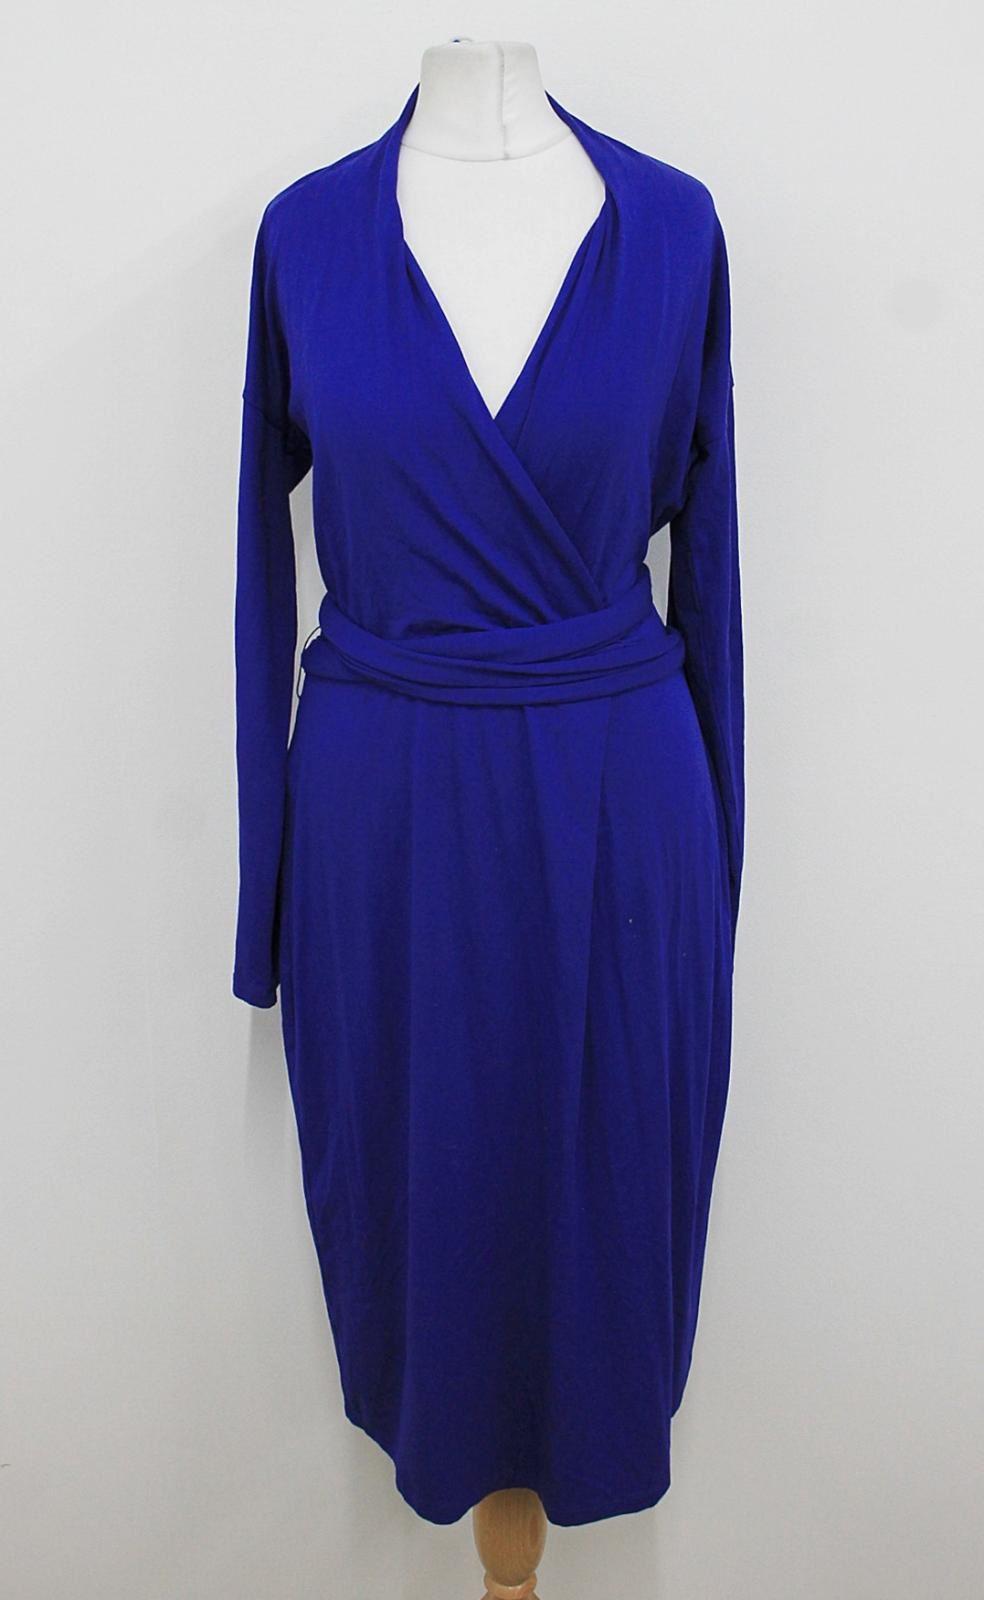 L-K-BENNETT-Ladies-Cobalt-Blue-Belted-Long-Sleeved-Stretchy-Dress-Size-UK12